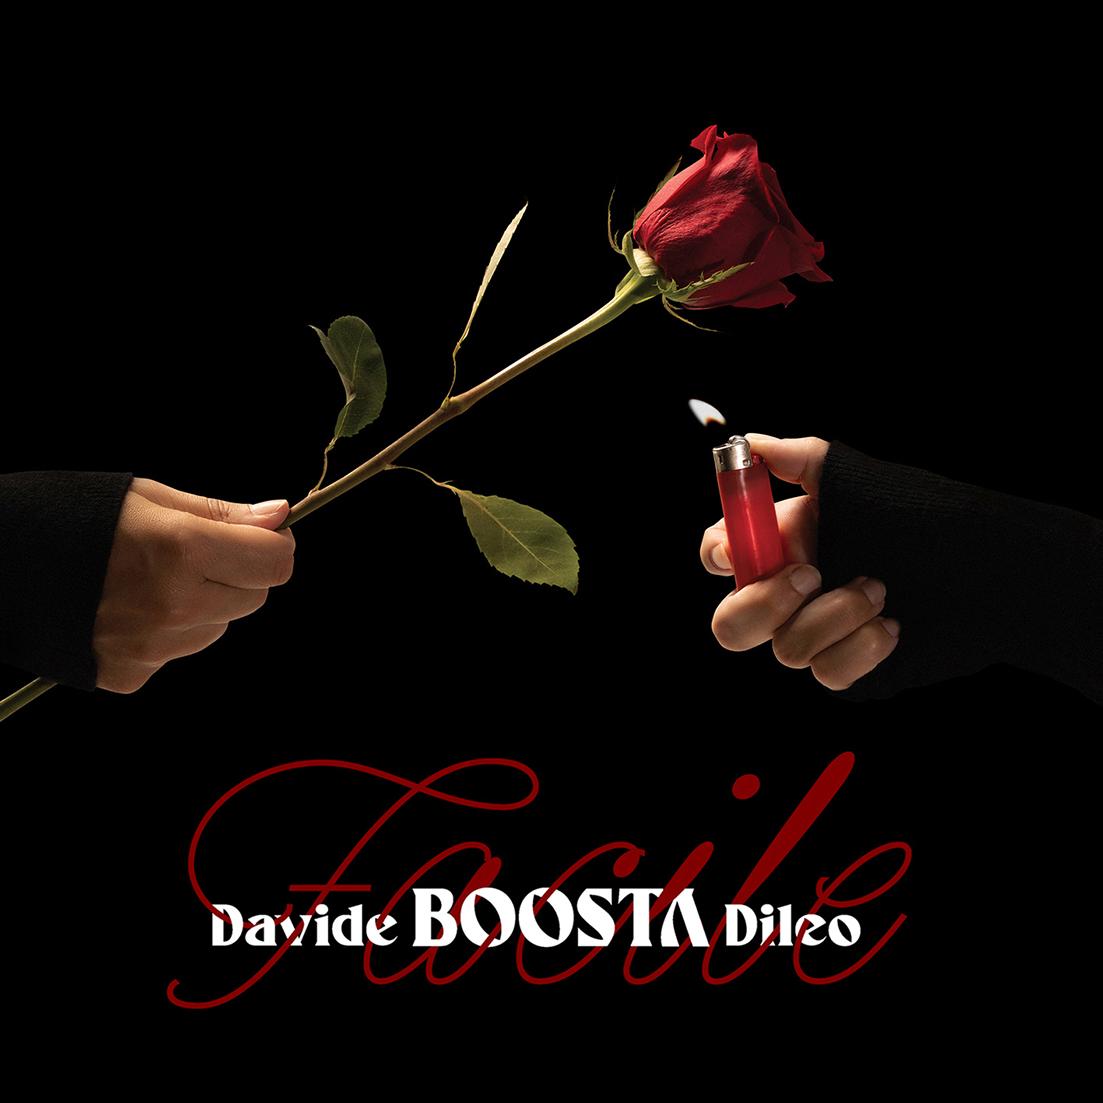 """Musica, venerdì 30 ottobre esce """"Facile"""", il nuovo album da solita di Davide """"Boosta"""" Di Leo (tastierista e co-fondatore dei Subsonica)"""